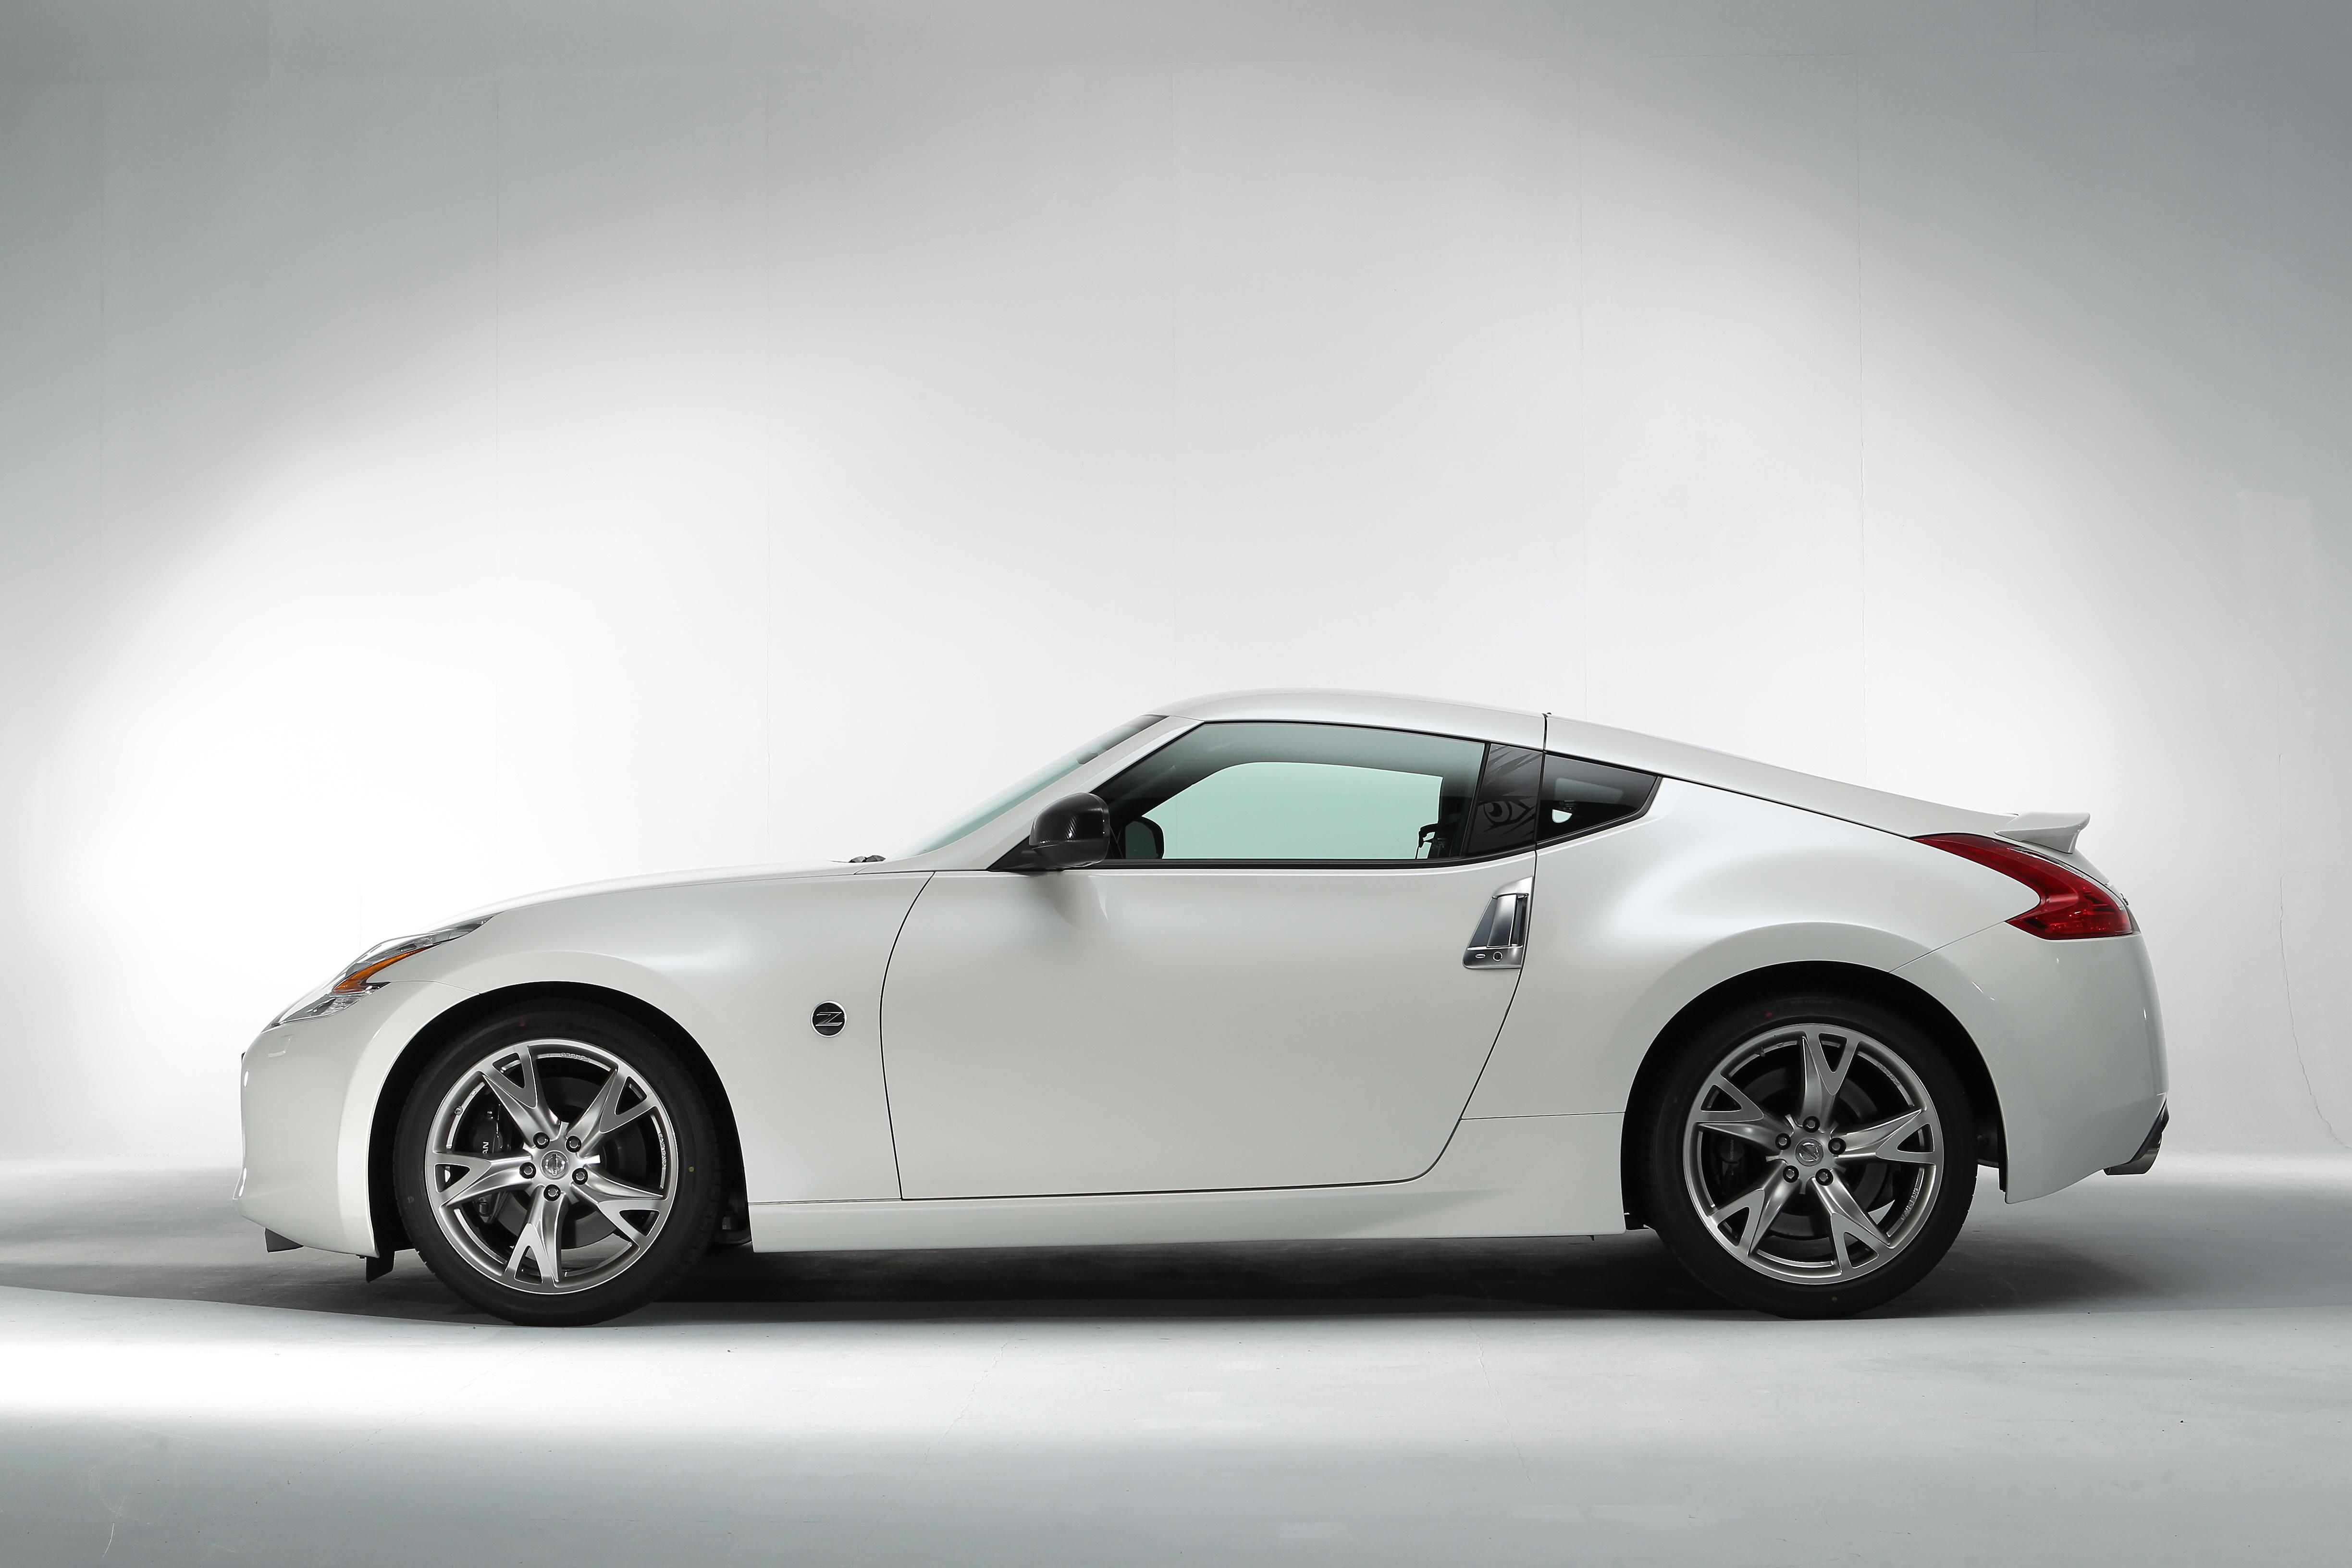 Обои для рабочего стола Ниссан 370Z Signatech (Z34), 2012 белых Сбоку Металлик автомобиль 4895x3263 Nissan белая белые Белый авто машины машина Автомобили